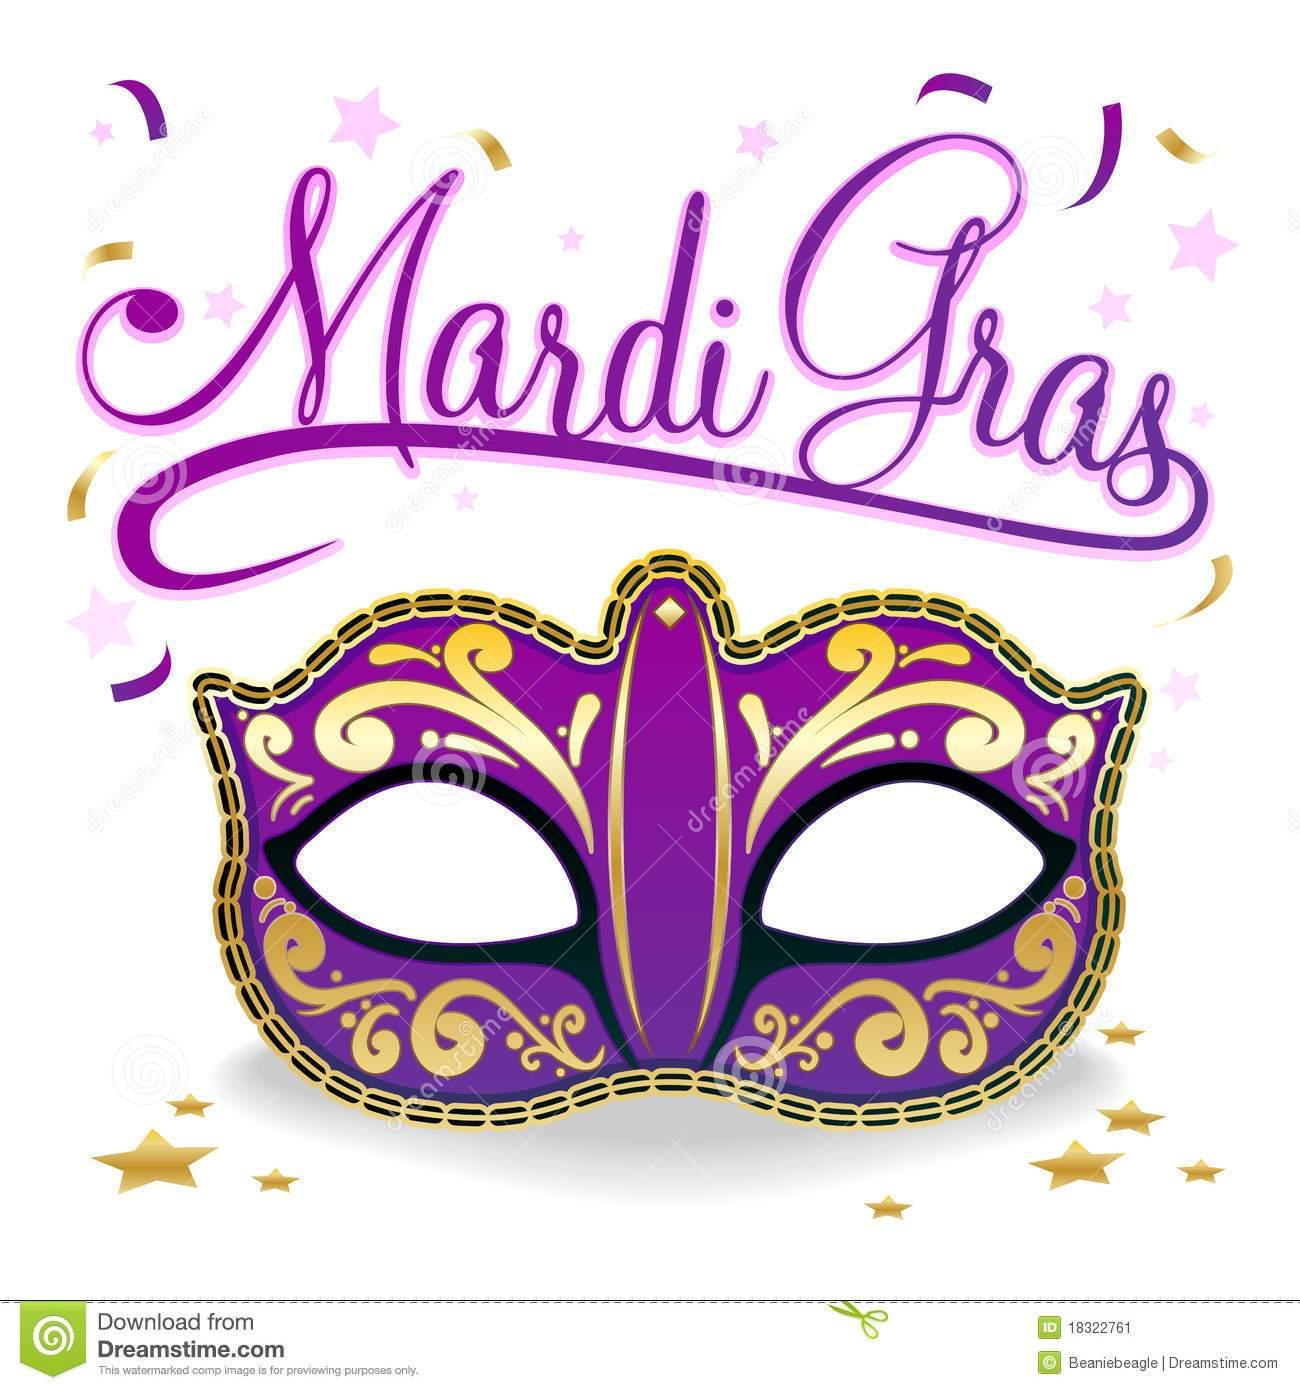 Mardigras clipart clipart Mardi gras clipart 6 » Clipart Portal clipart